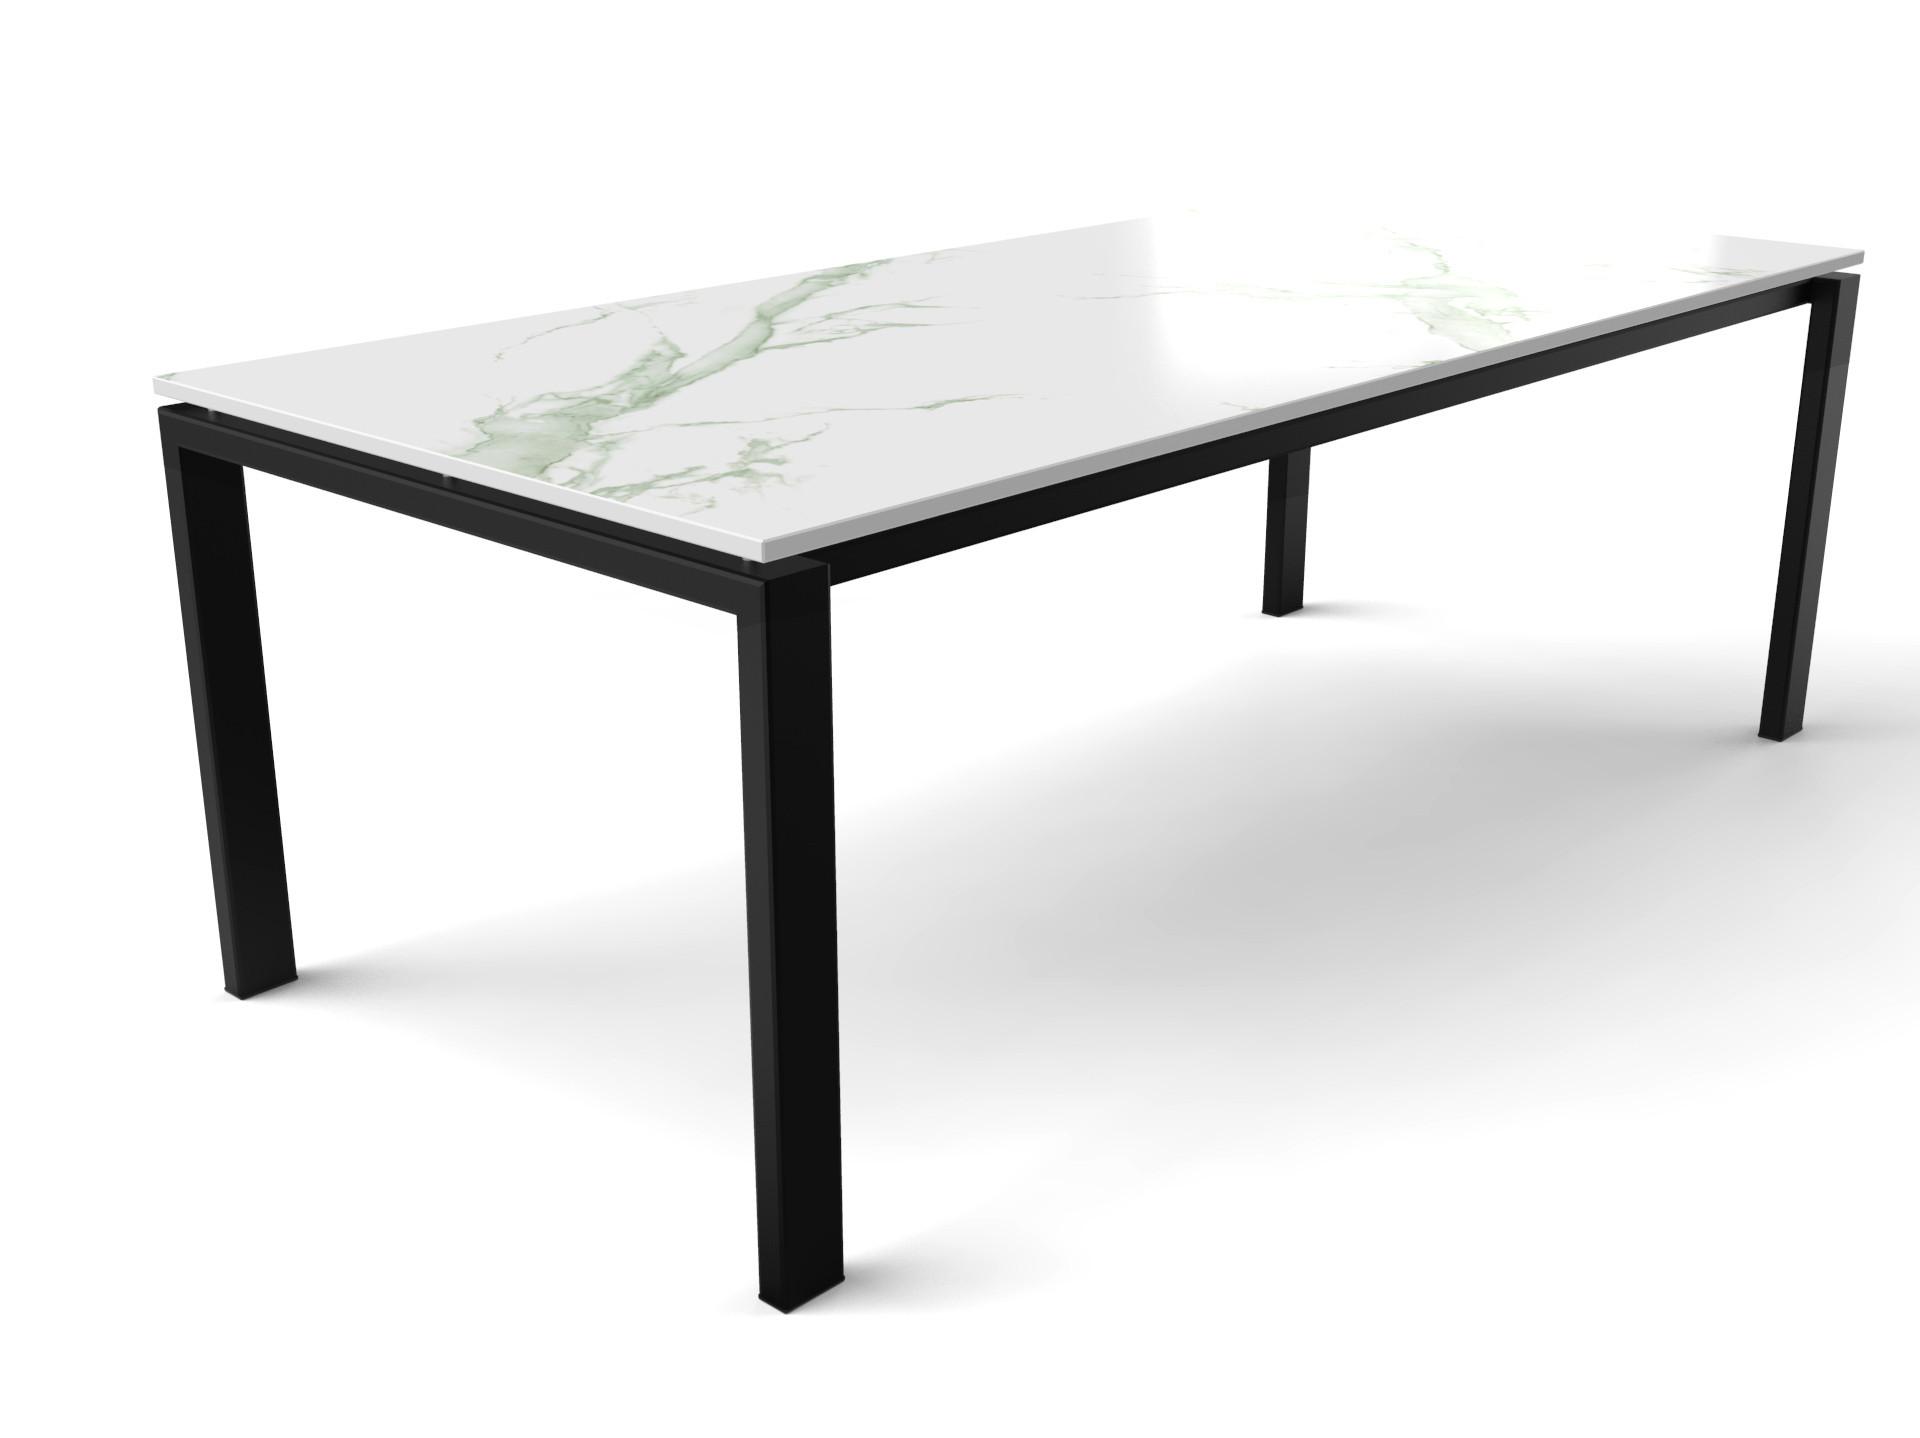 Dekton Aura15 Tisch in Marmoroptik mit schwarz beschichtetem Gestell